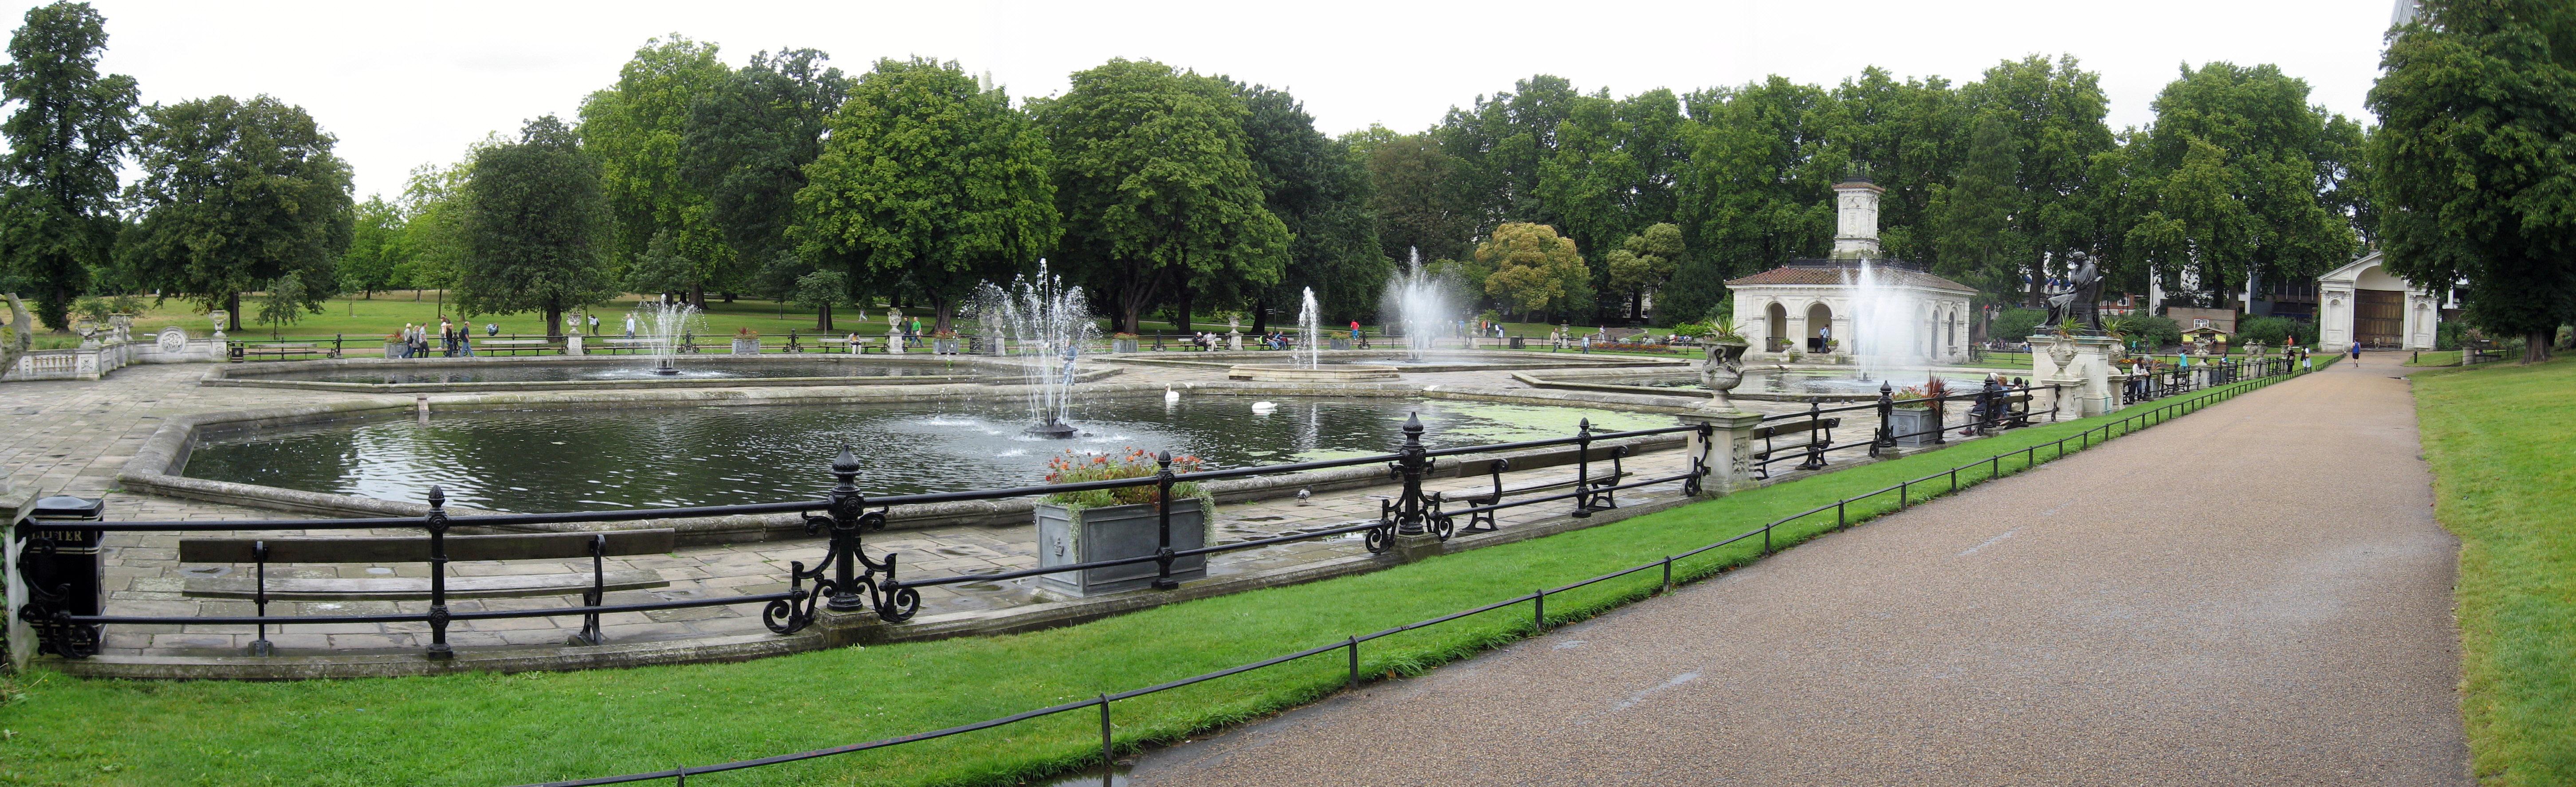 The World's Greatest Urban Parks: Hyde Park, London | IDEAS ...